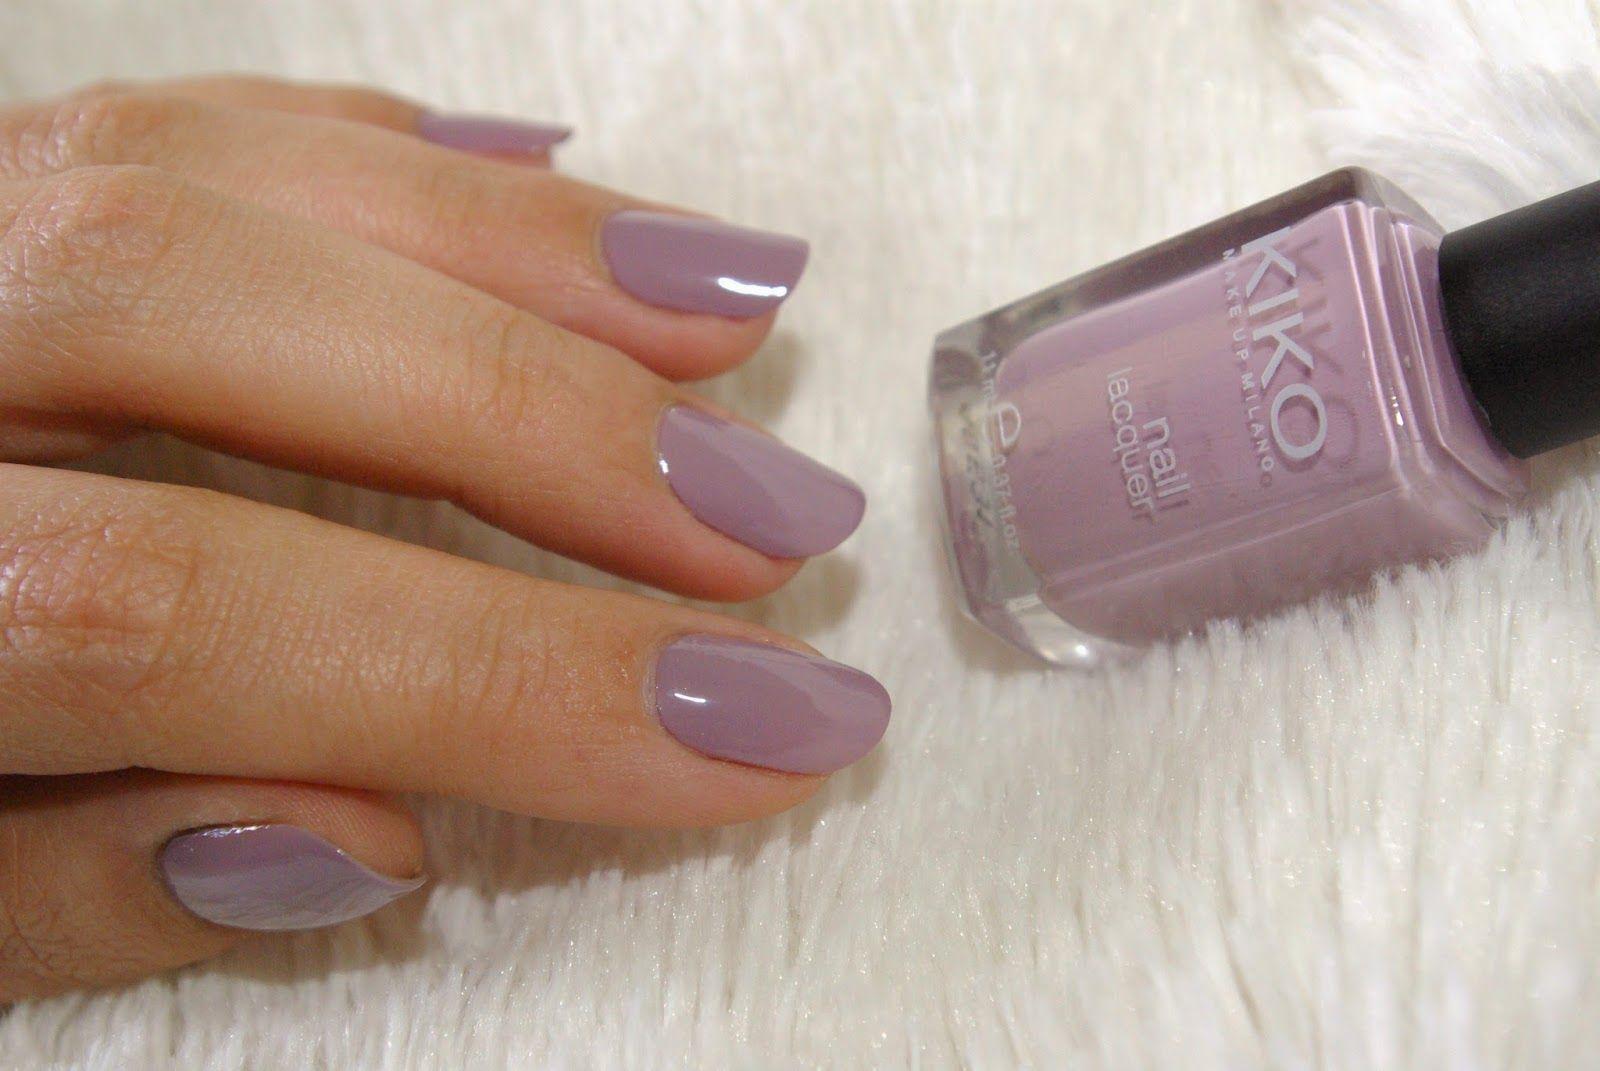 kiko 510 mauve grey   My Style   Pinterest   Esmalte, Belleza y Color